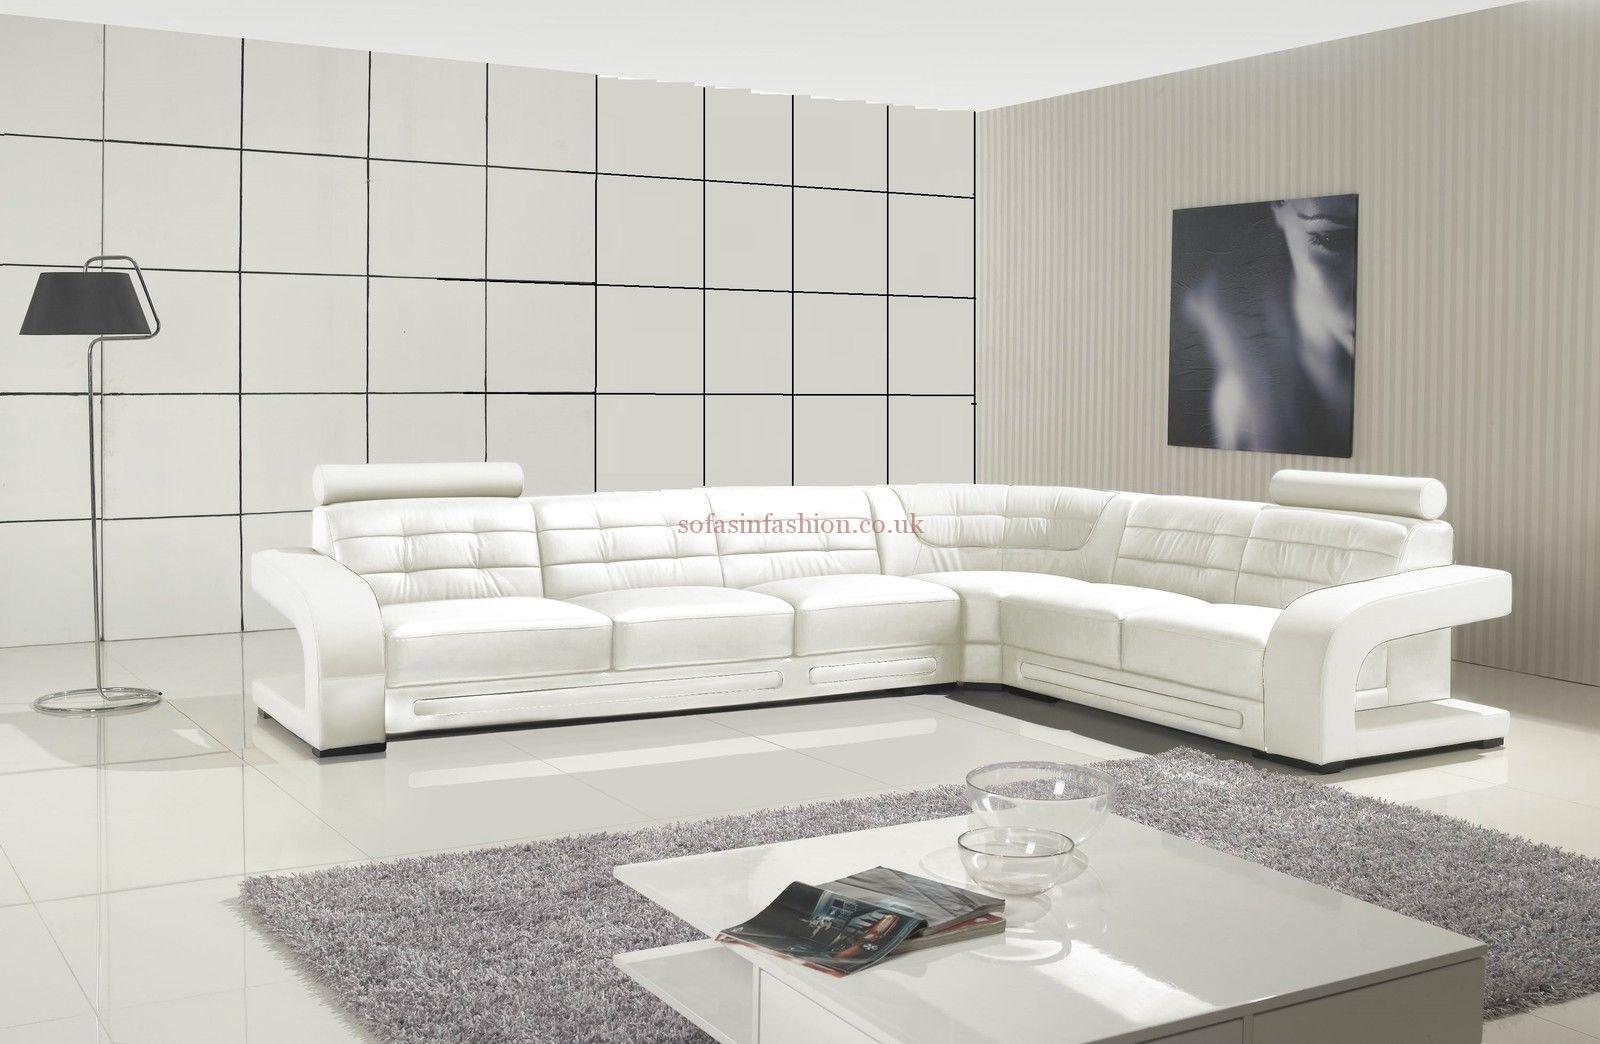 Modern Style White Corner Sofa With White Leather Corner Sofa Pertaining To White Leather Corner Sofas (View 9 of 10)